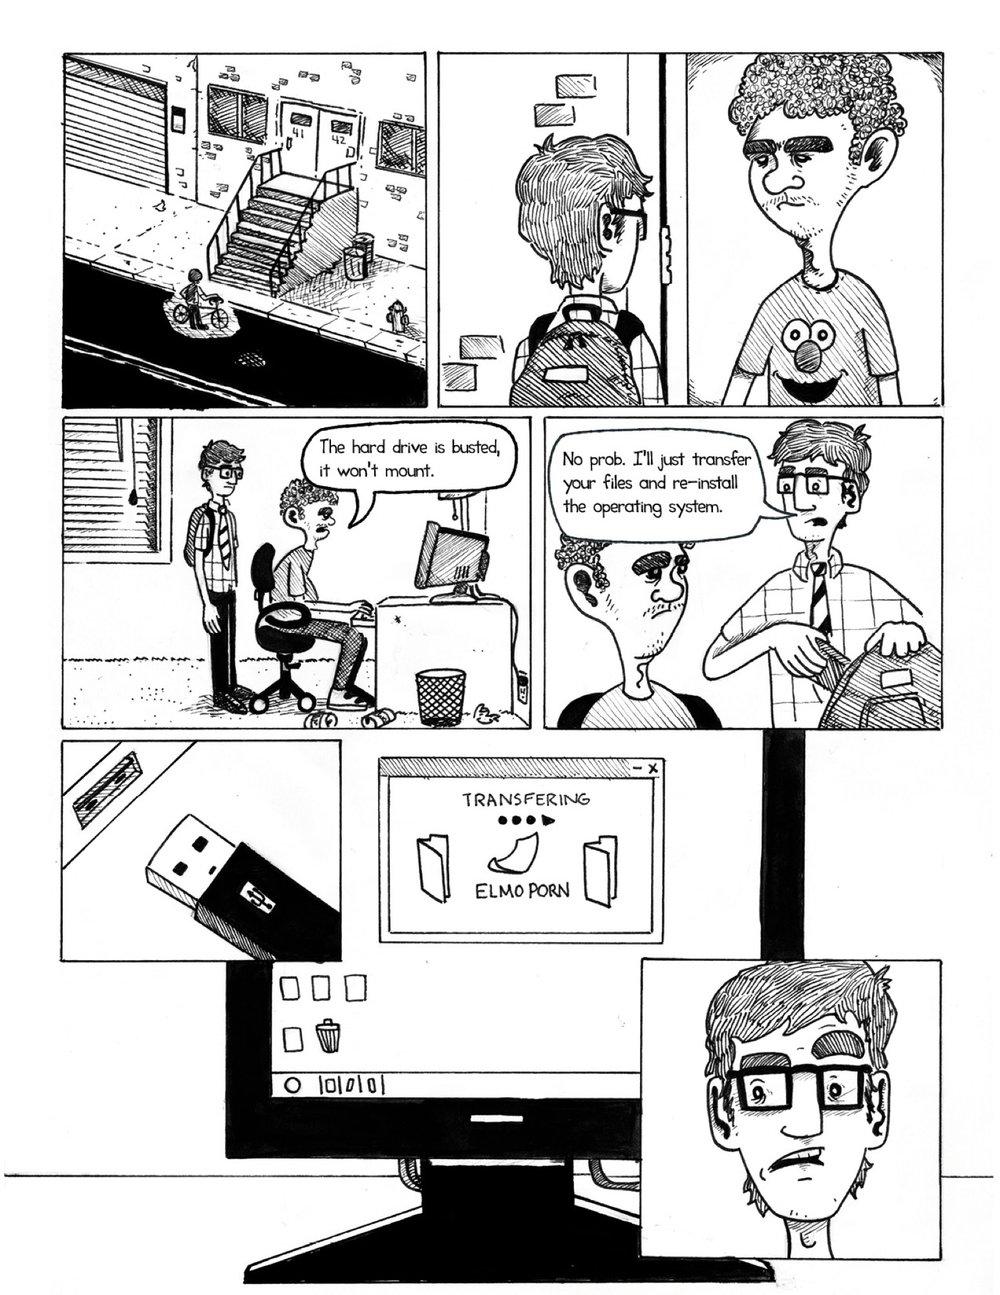 nerd_pimp_medium_res 69.jpeg